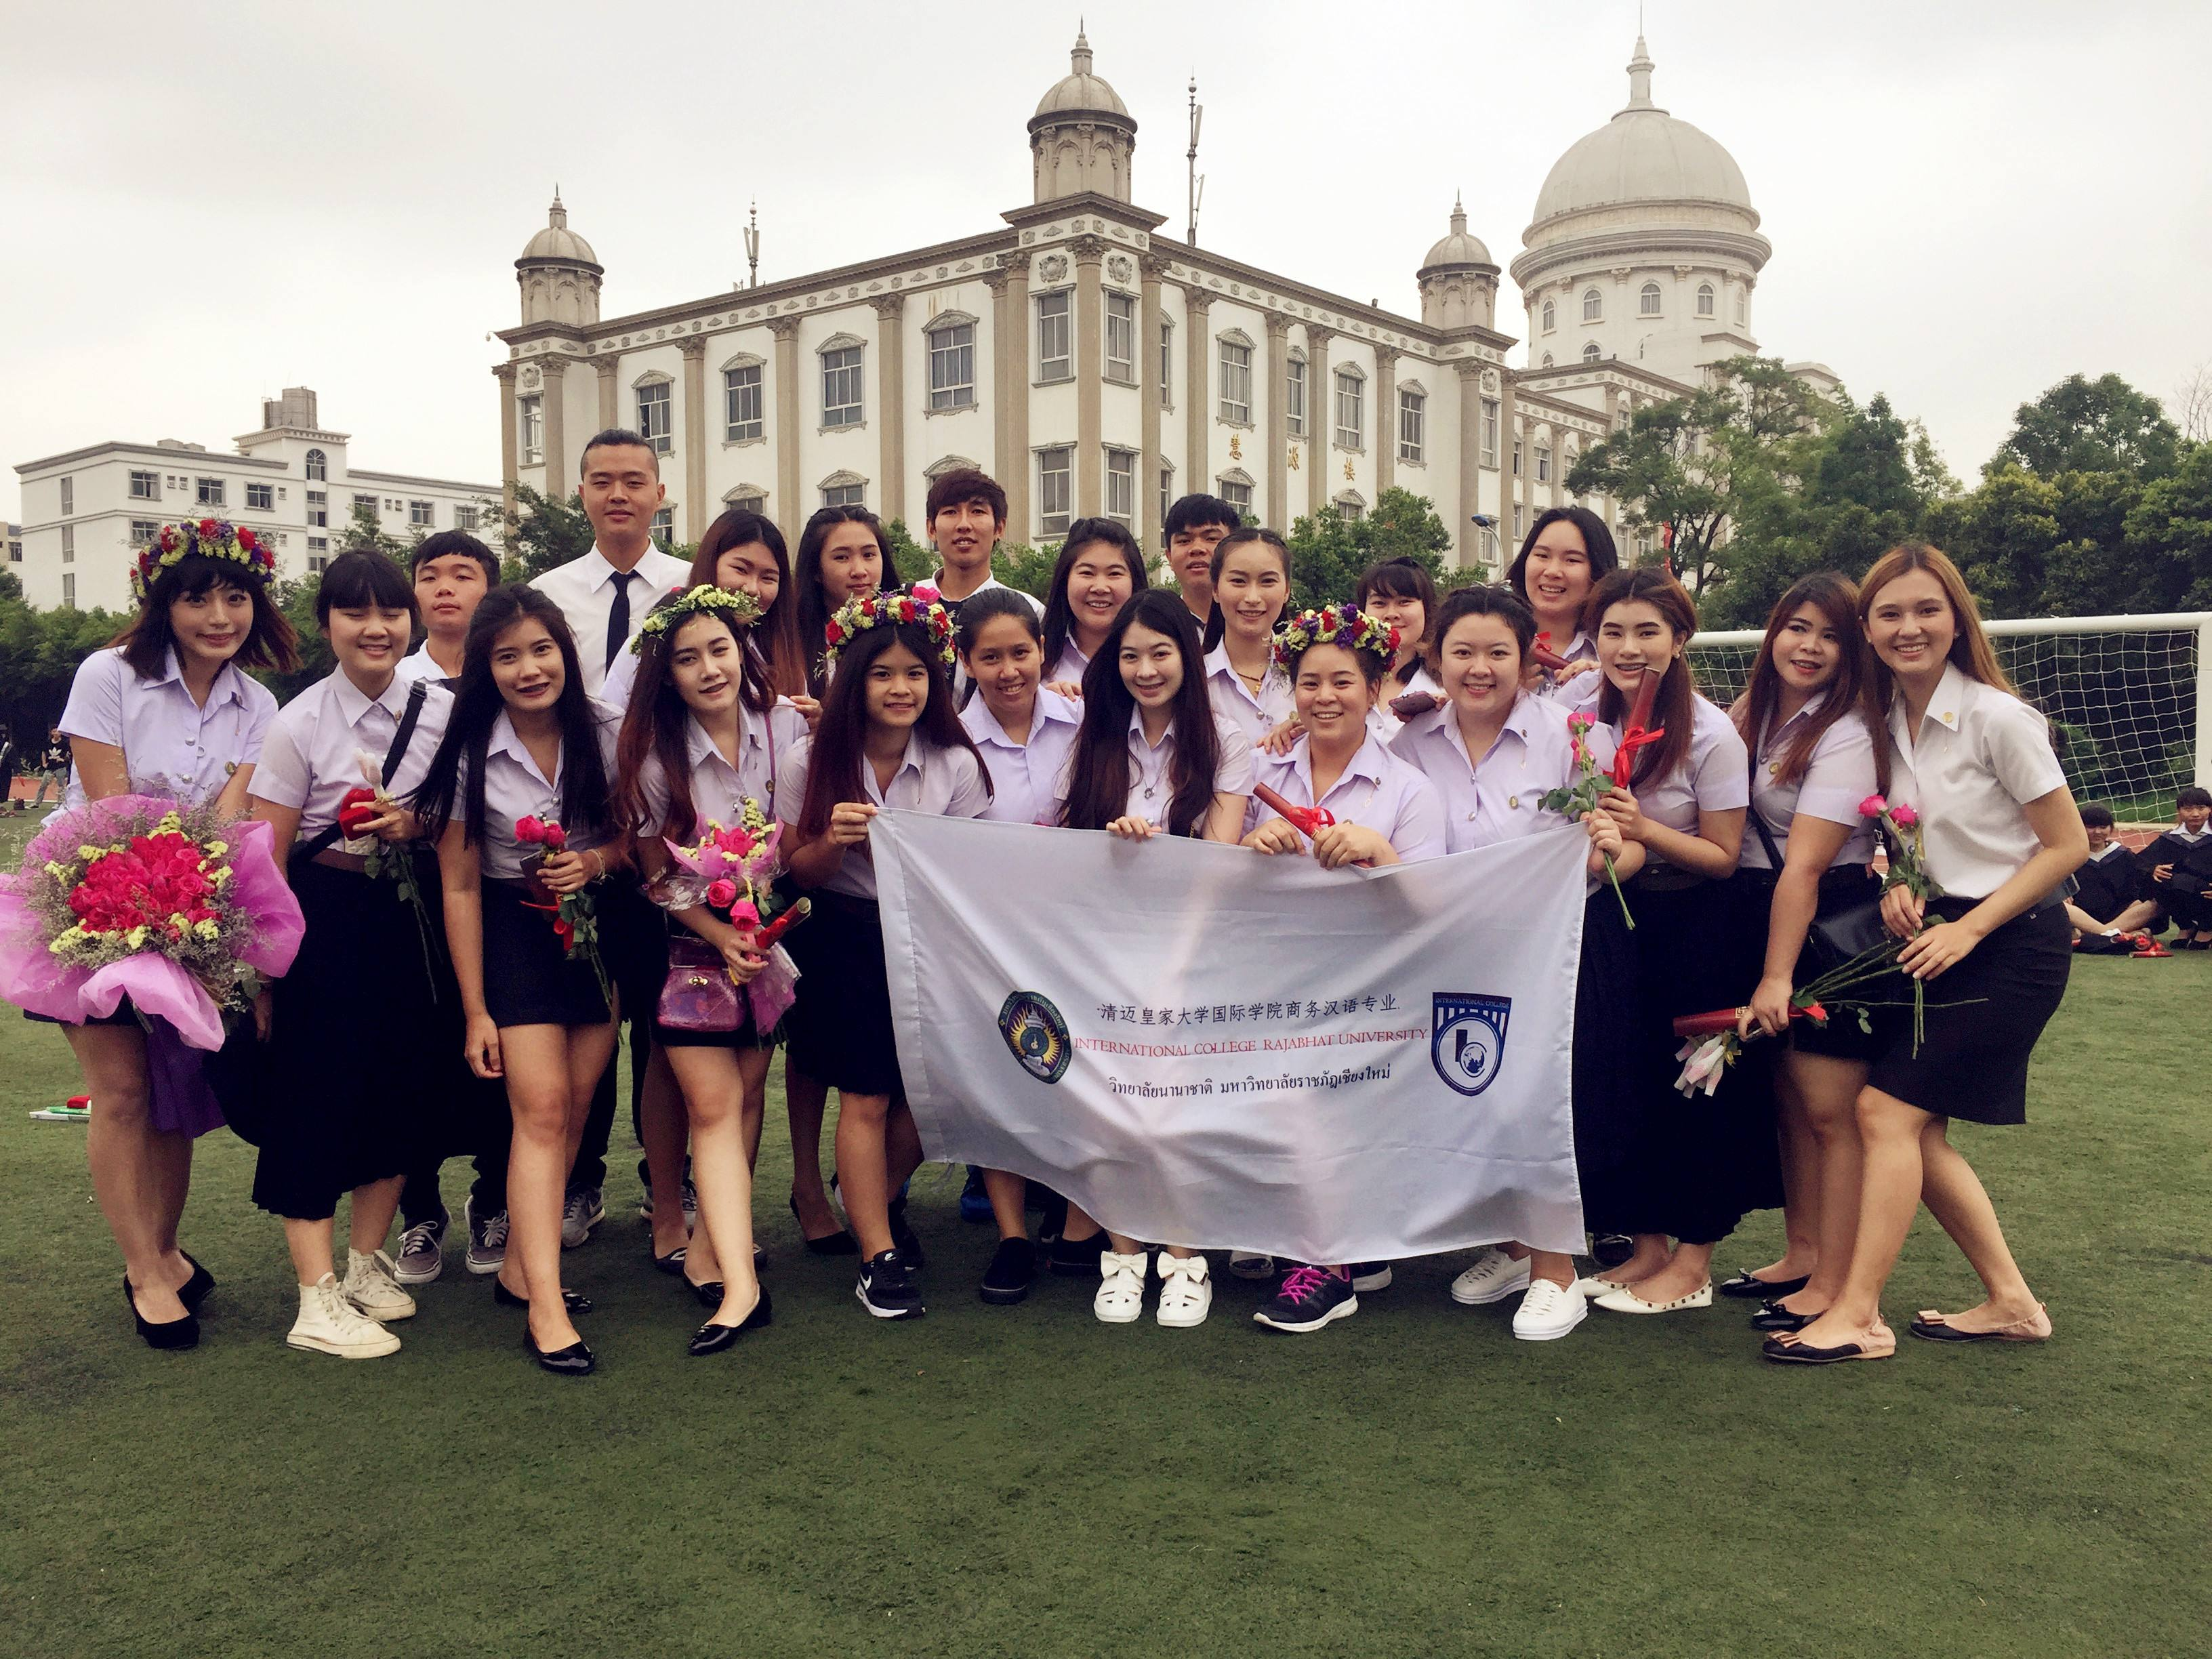 泰国买房附加值:被忽略的泰国教育